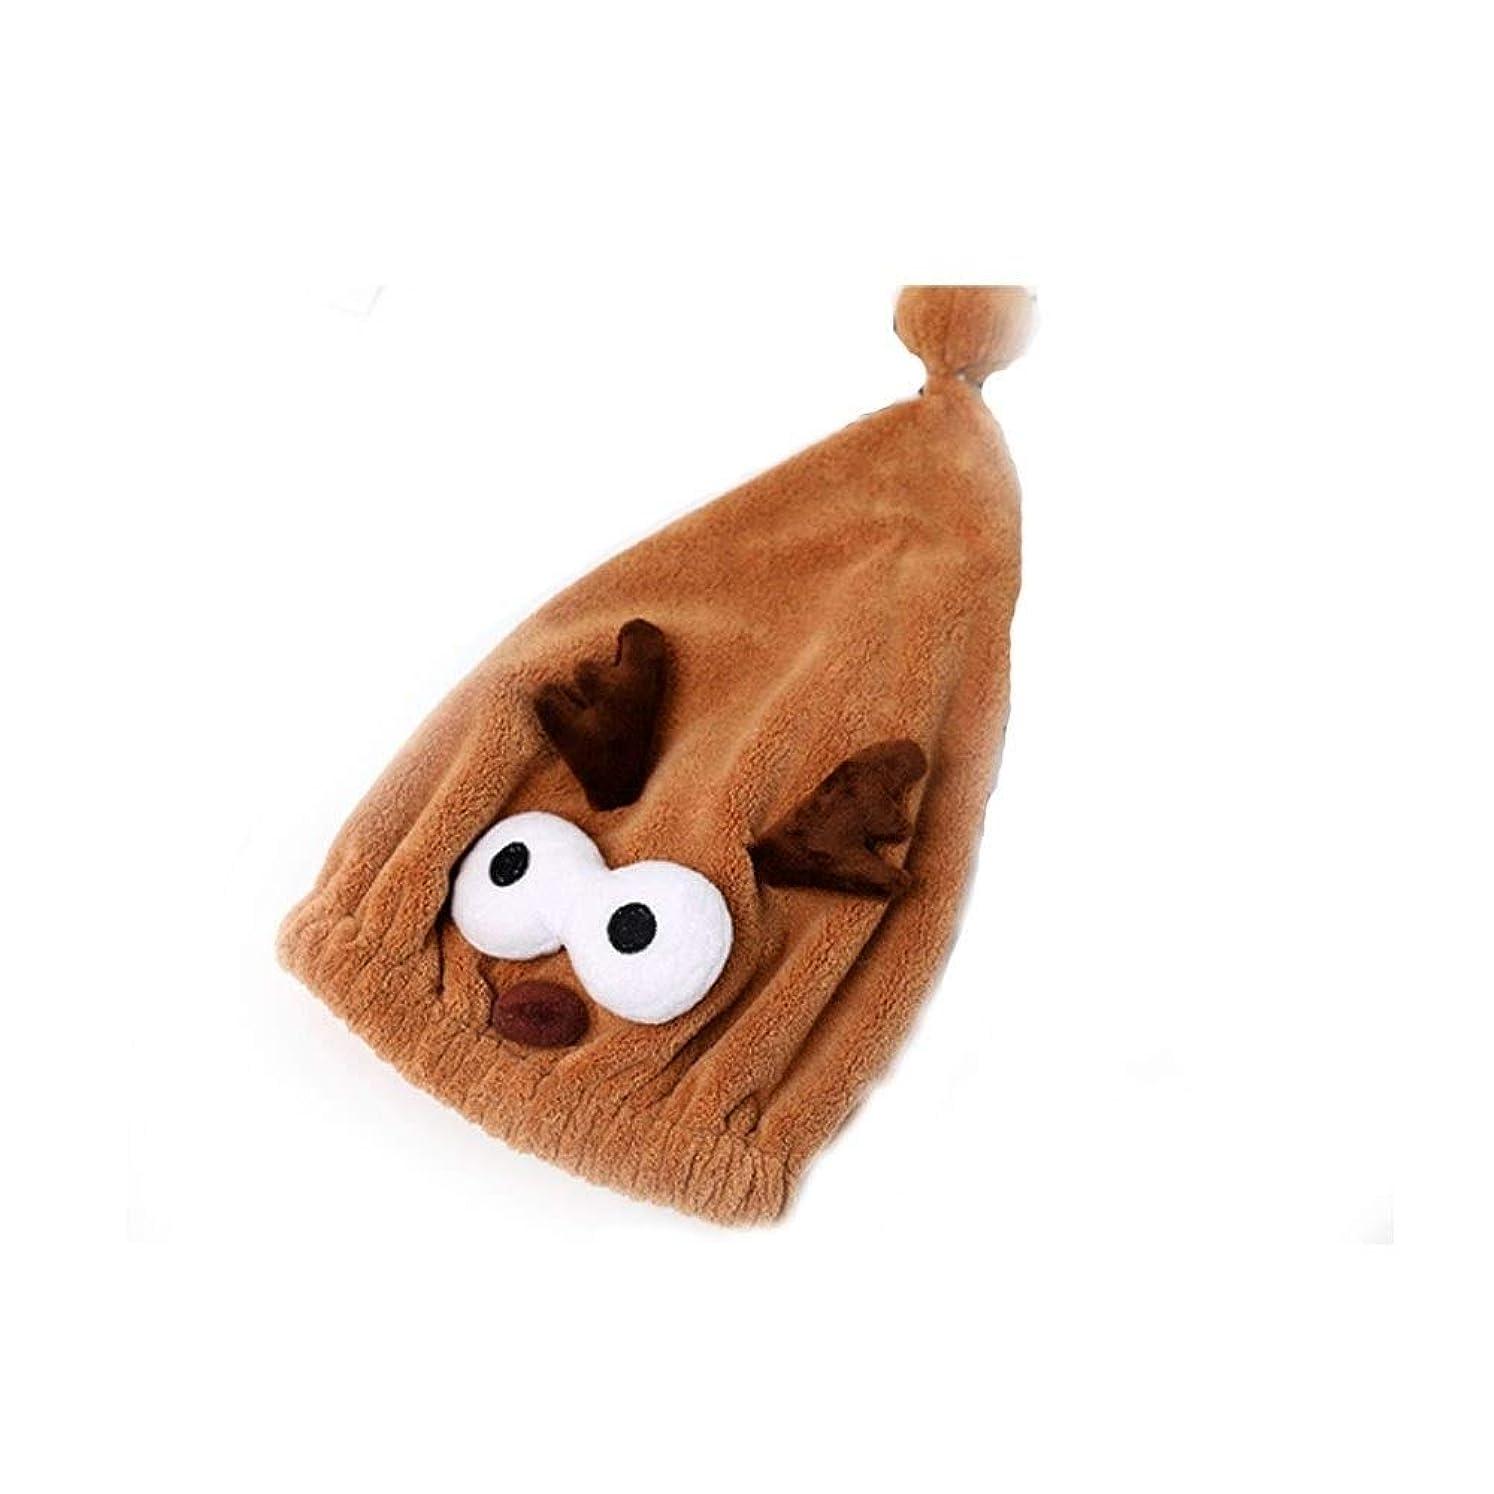 複雑大工慎重にSMXGF シャワーキャップ、女性の女性のためのドライシャワーキャップデラックスシャワーキャップを、すべての髪の長さや太さ、再利用可能なシャワー。 (Color : Brown)